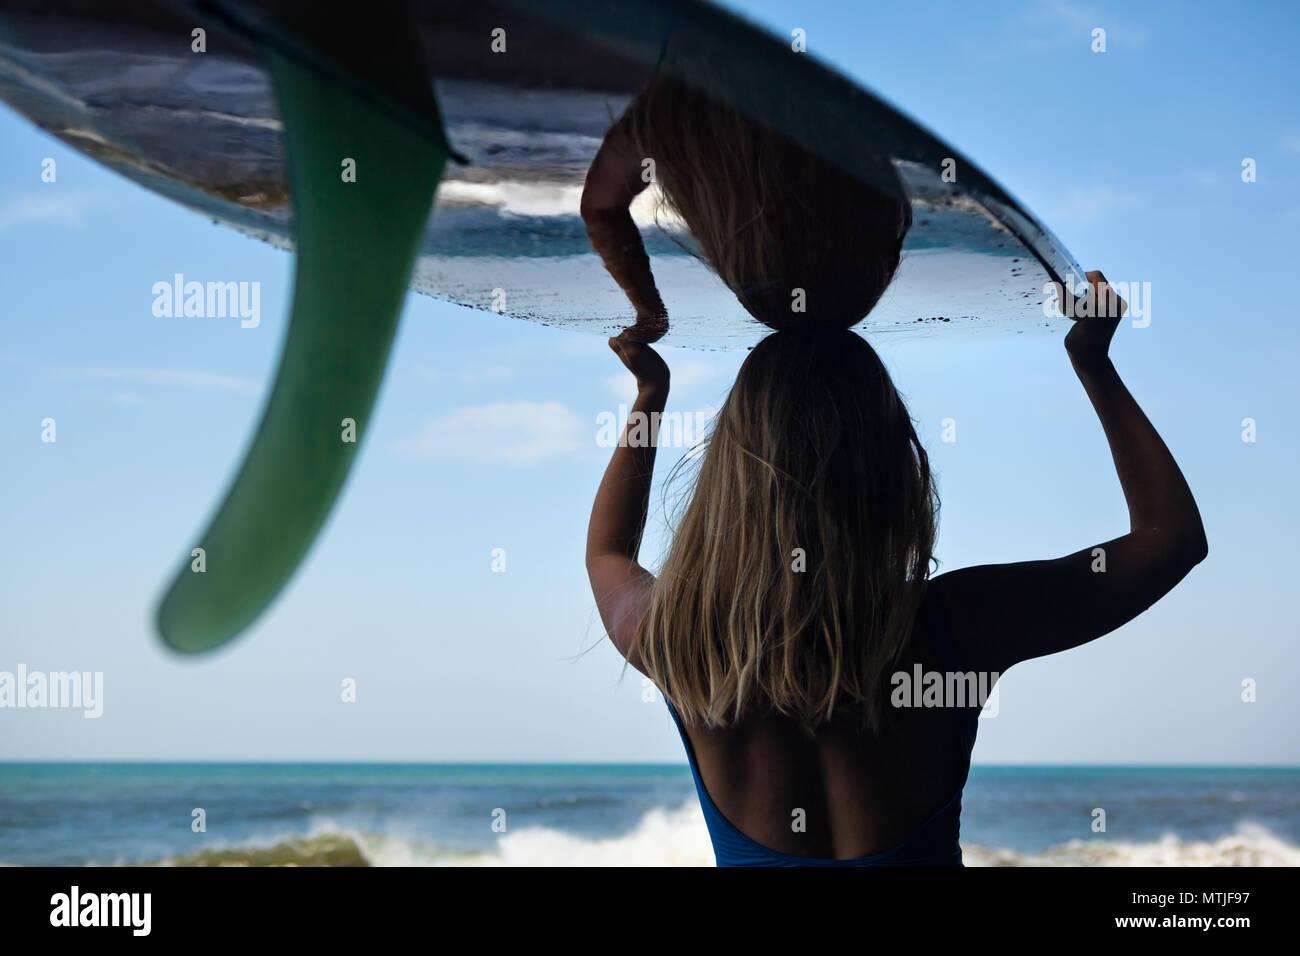 Chica en Bikini con tablas de surf a pie de playa de arena negra. Surfer mujer mira al mar y piscina de agua surf con espuma blanca. Las personas activas en el deporte aventura Imagen De Stock